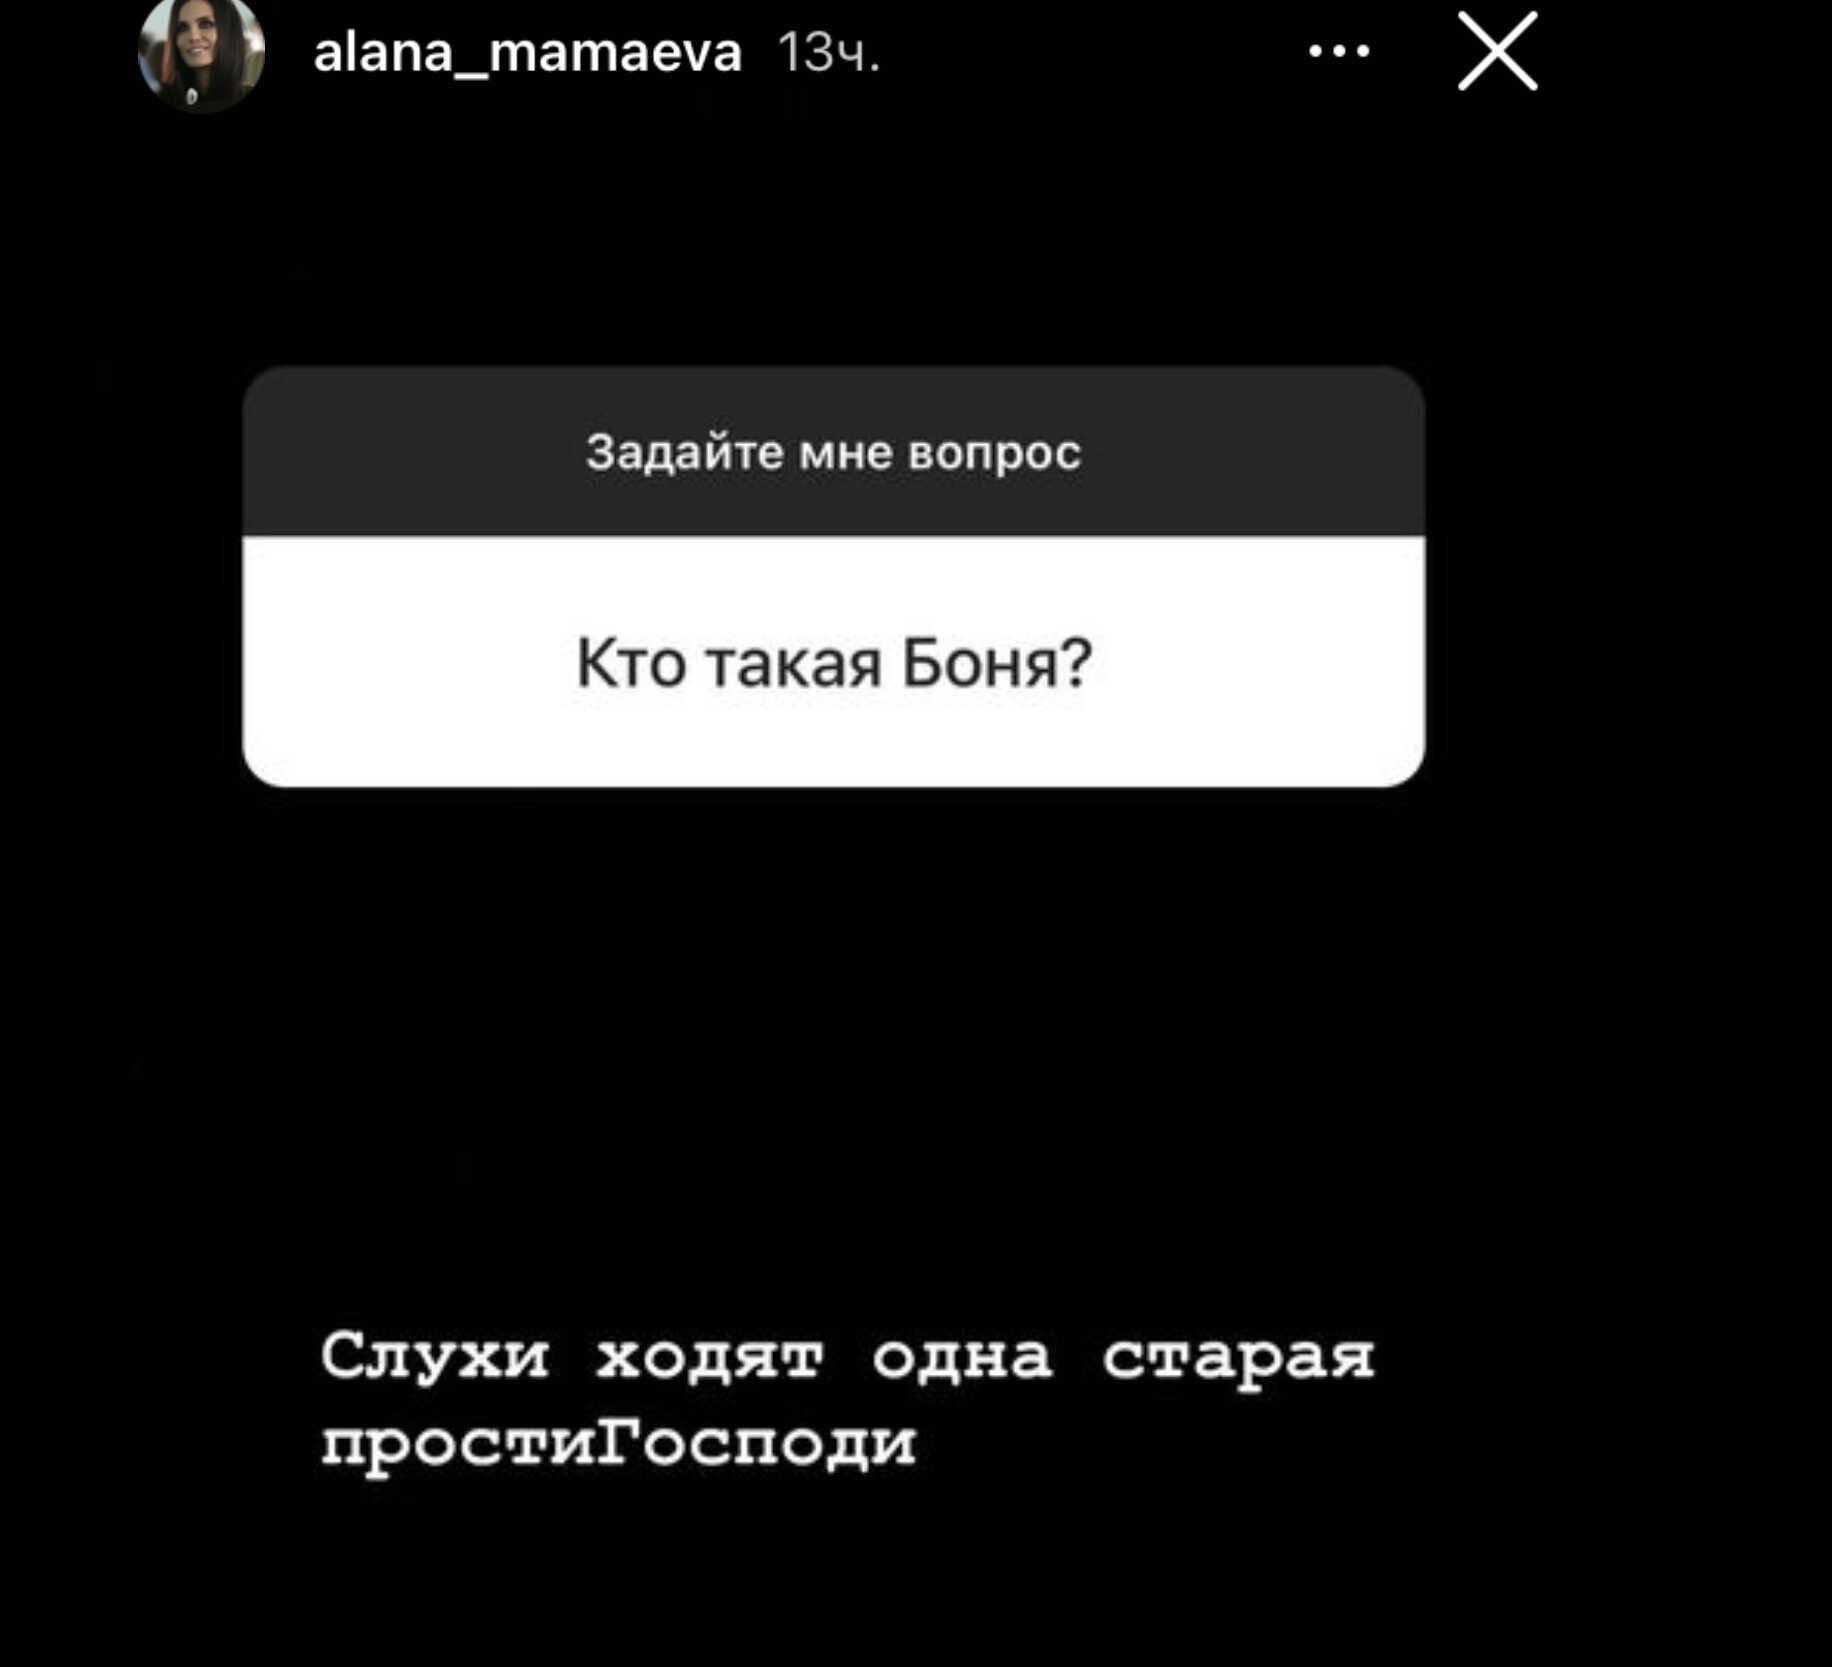 После заявлений Виктории Бони, Алана Мамаева назвала её старой проституткой и пригрозила компроматом